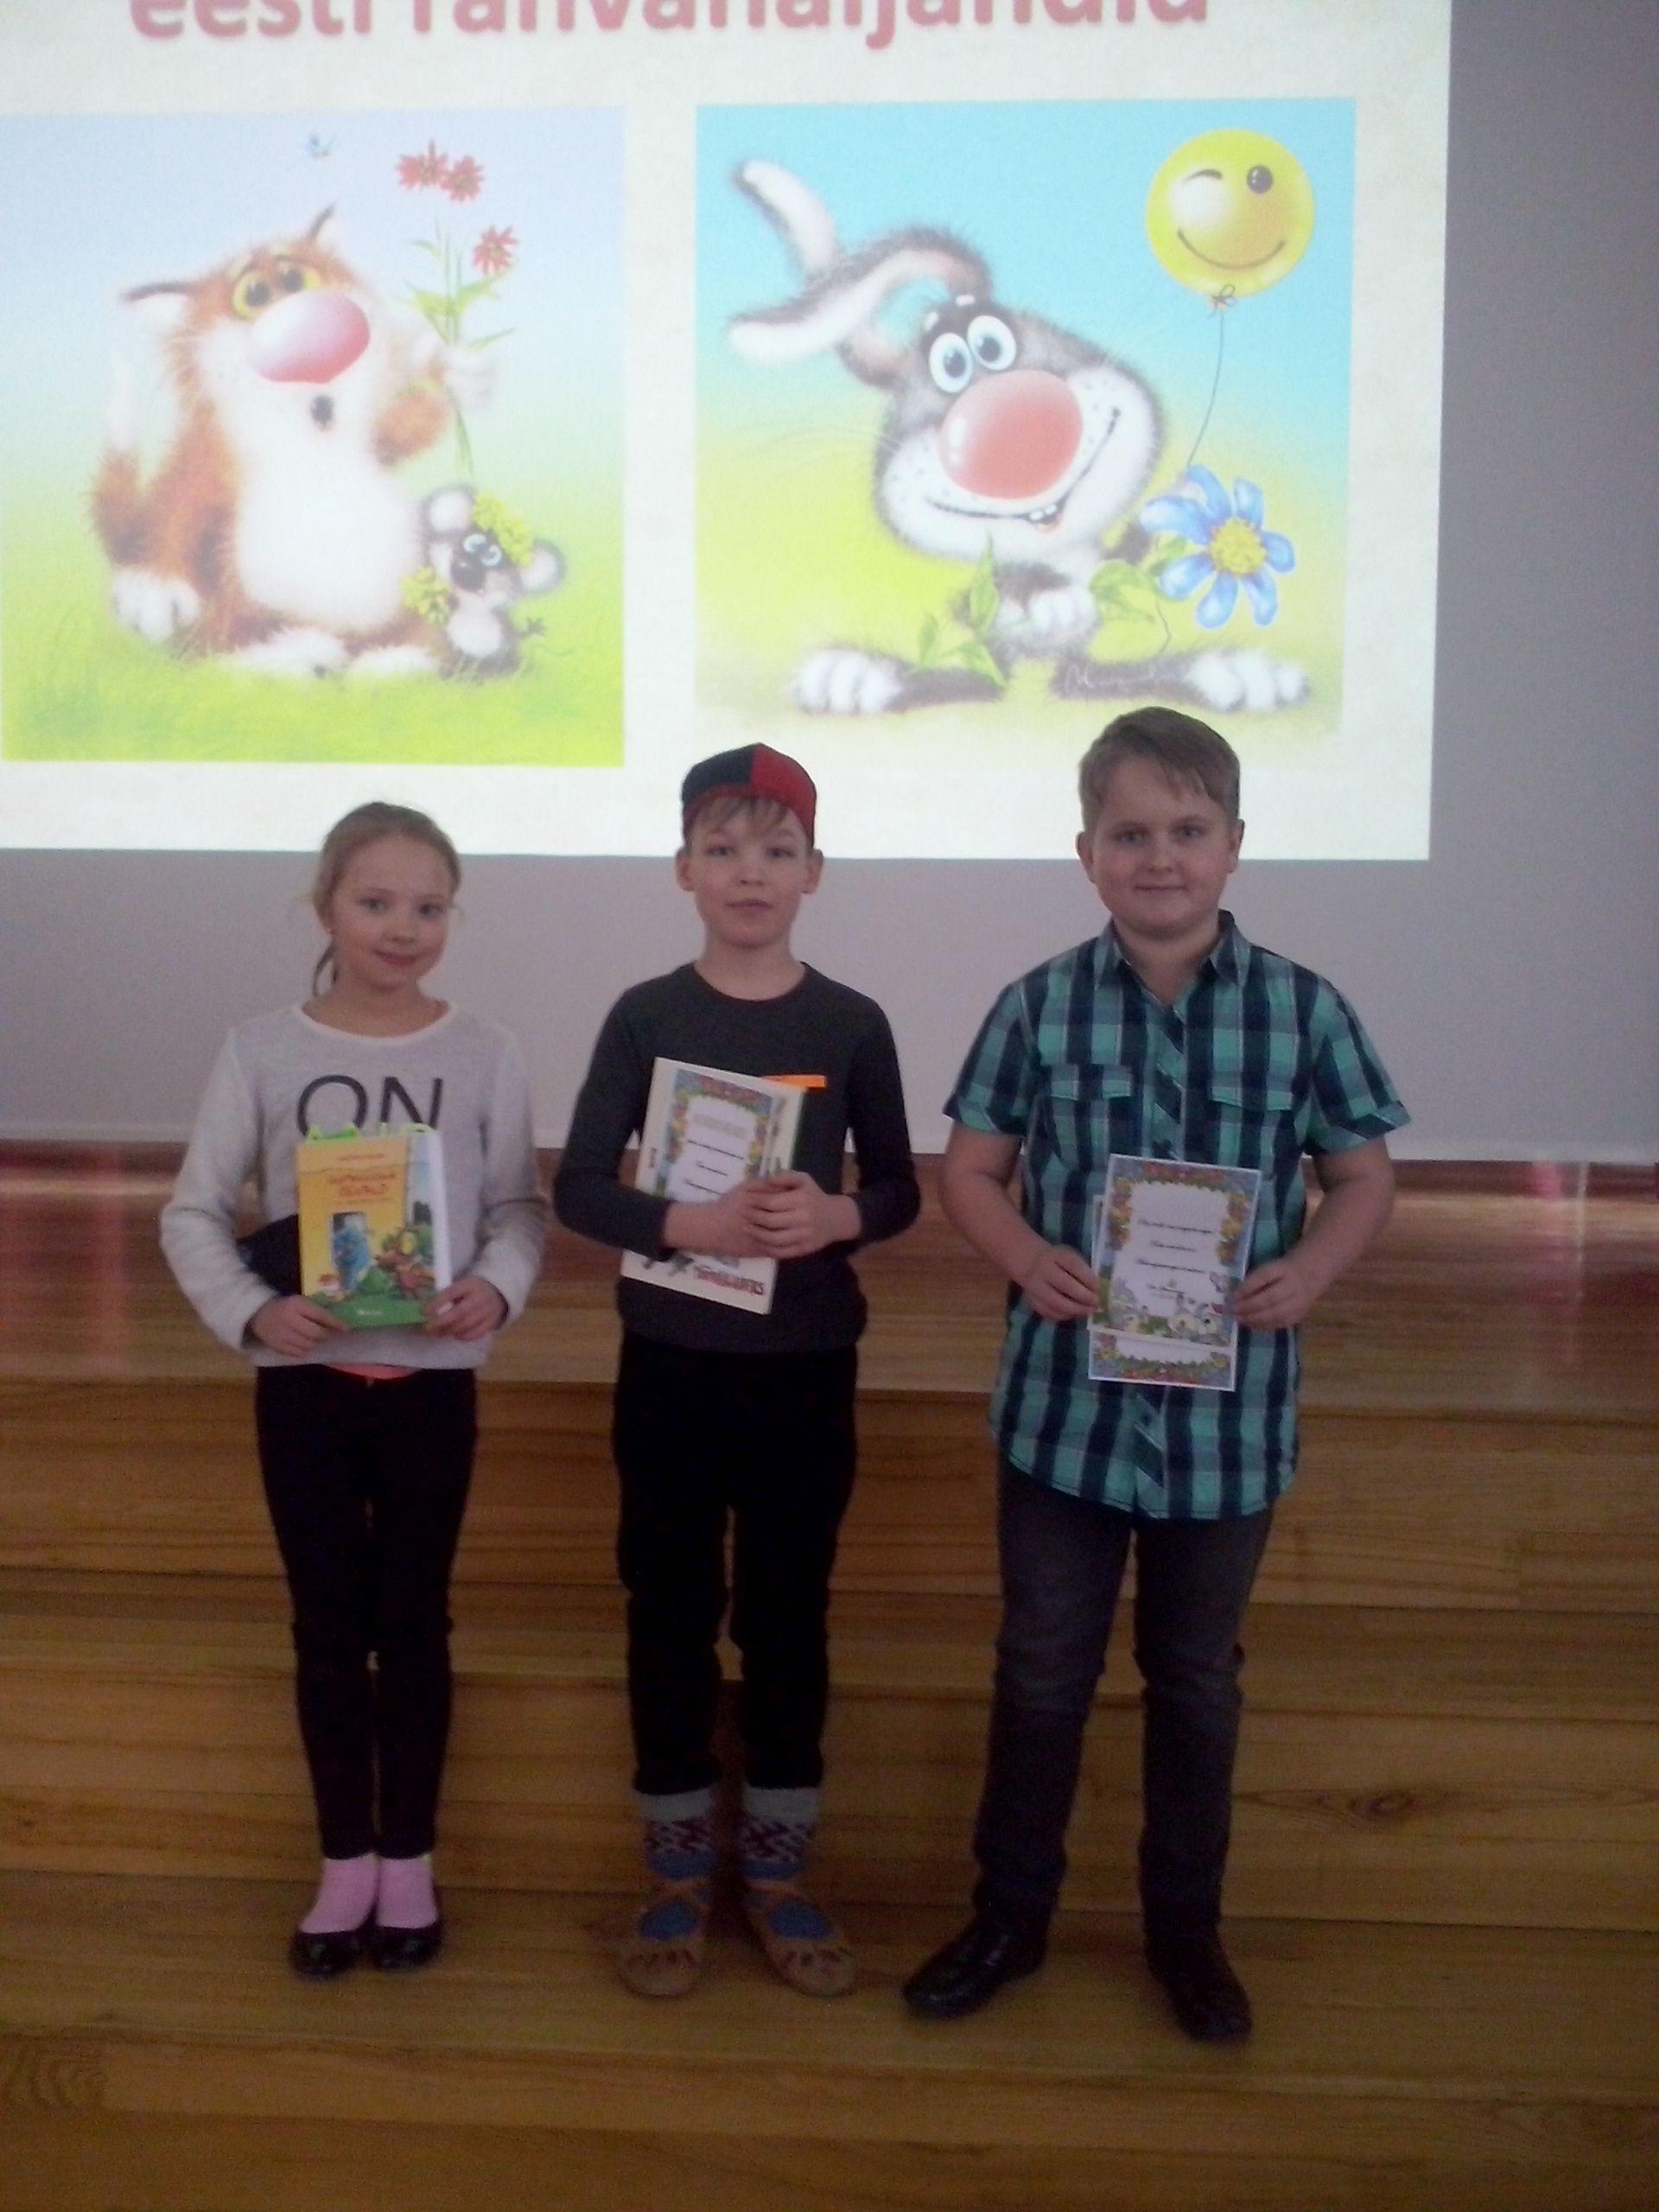 Maakondlik muinasjutuvestjate konkurss